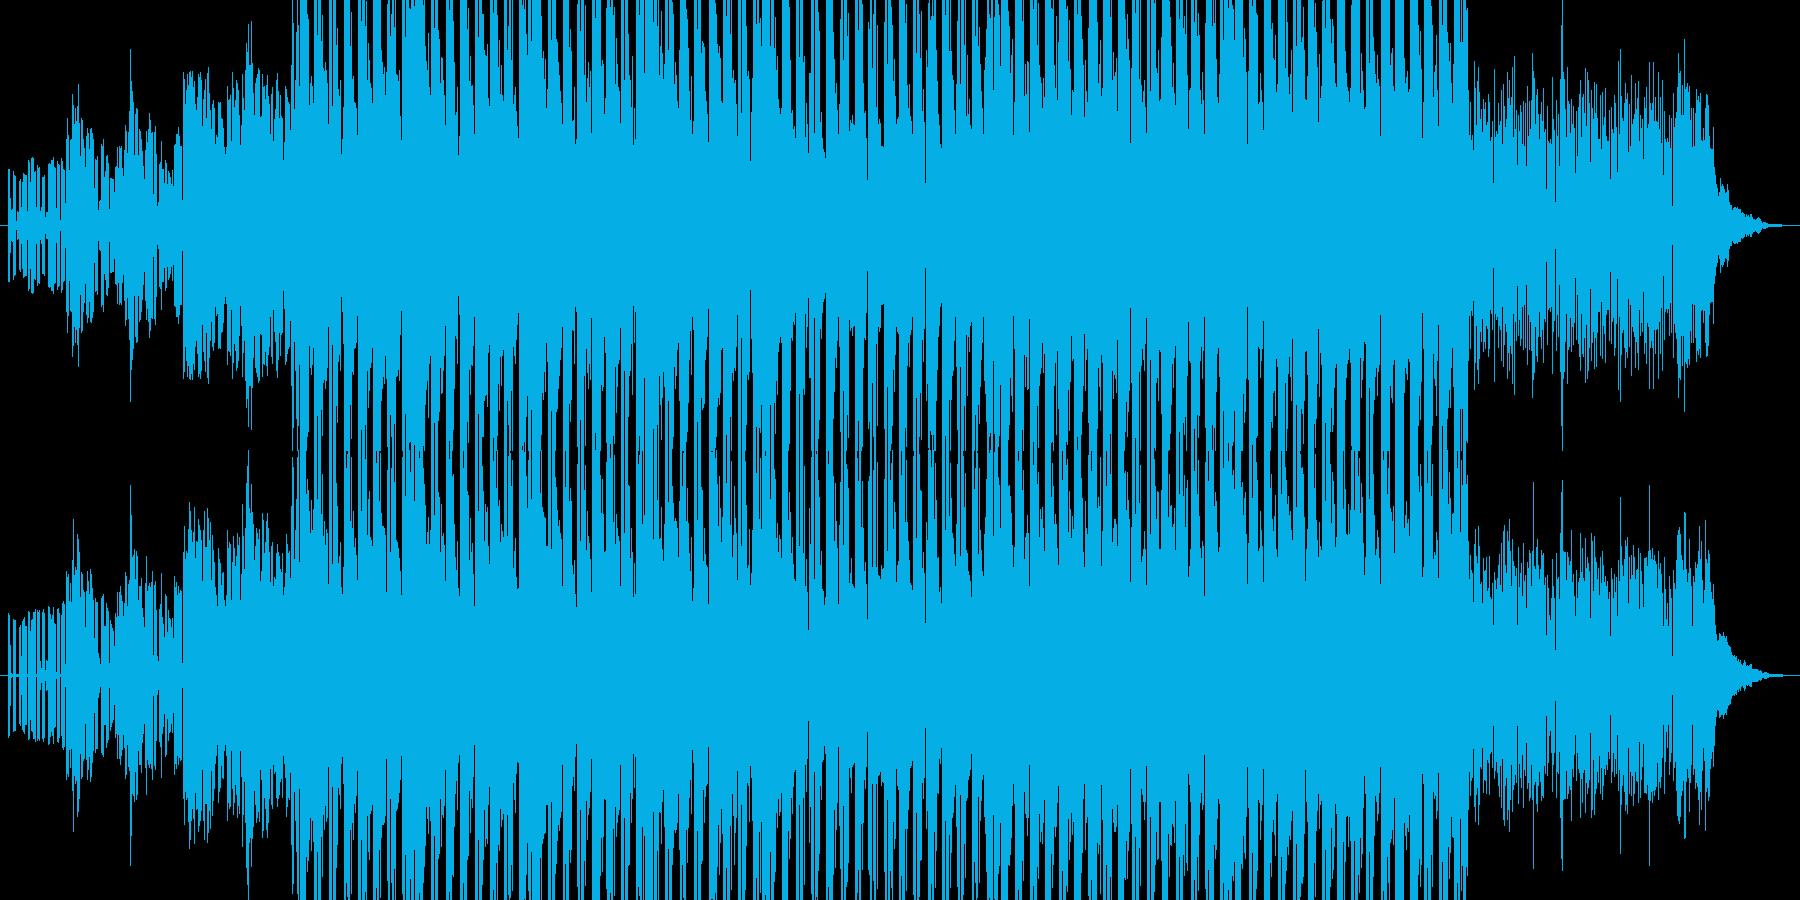 力強く駆け抜けるデジタルポップの再生済みの波形